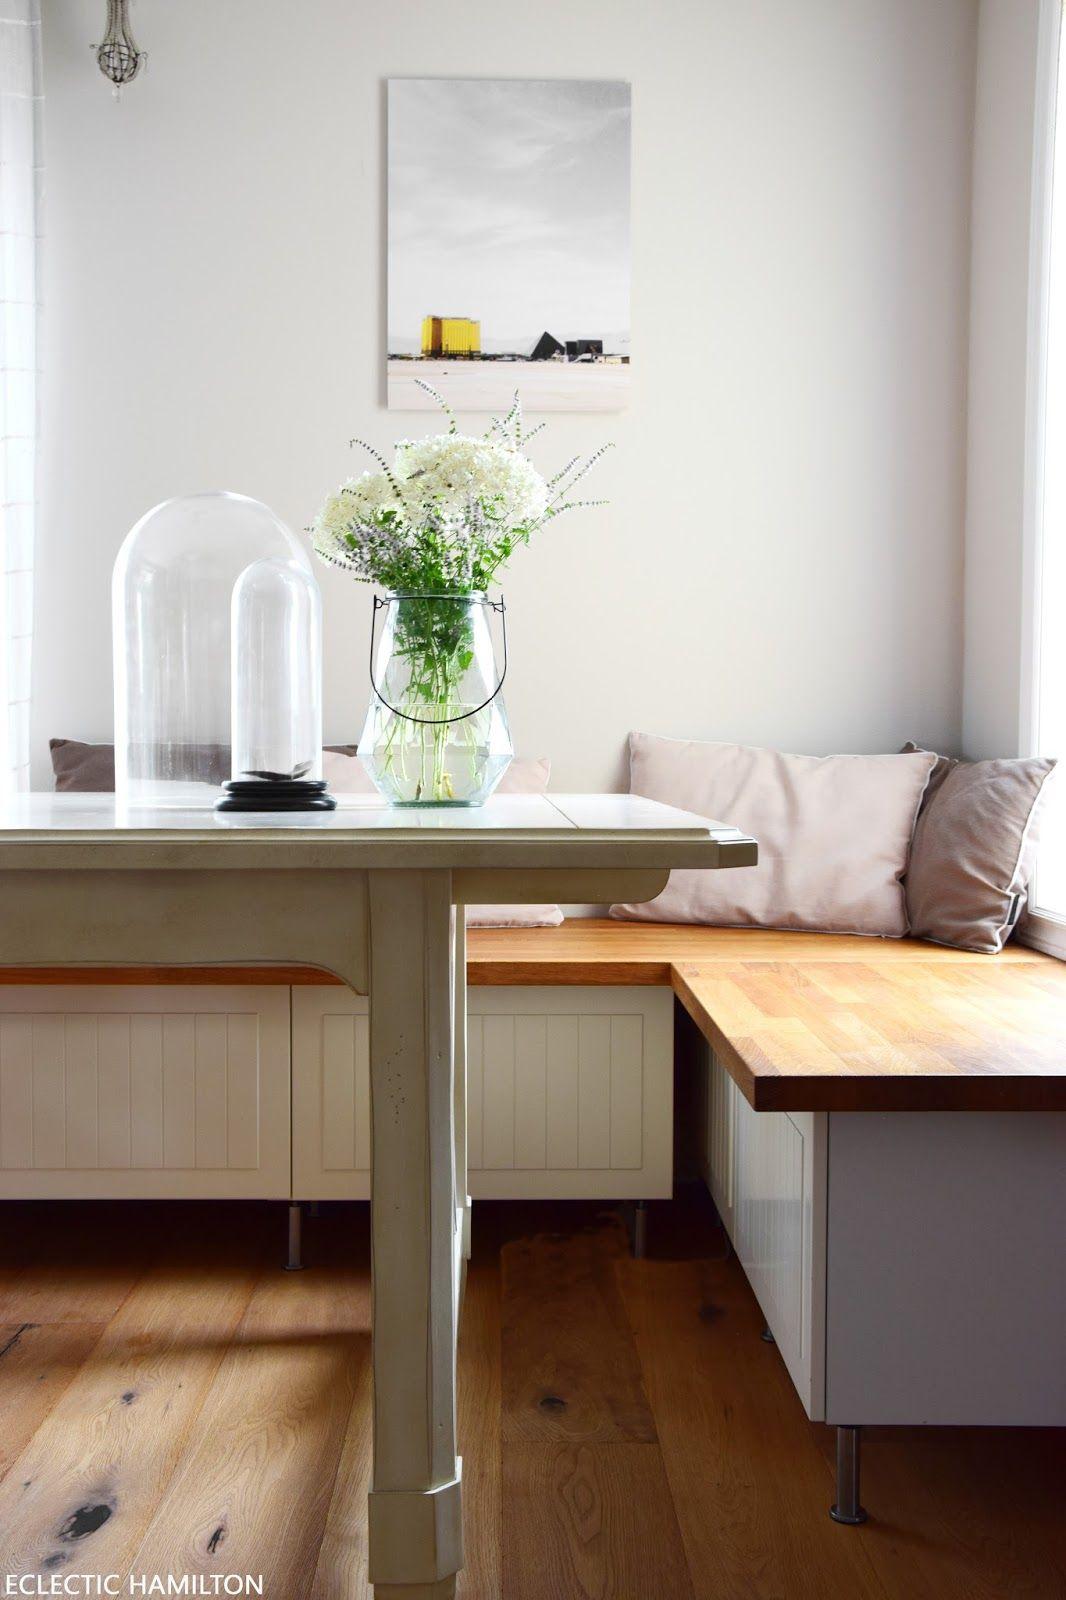 die besten 25 posterxxl gutschein ideen auf pinterest kuschel paar holzstricknadeln und ikea diy. Black Bedroom Furniture Sets. Home Design Ideas